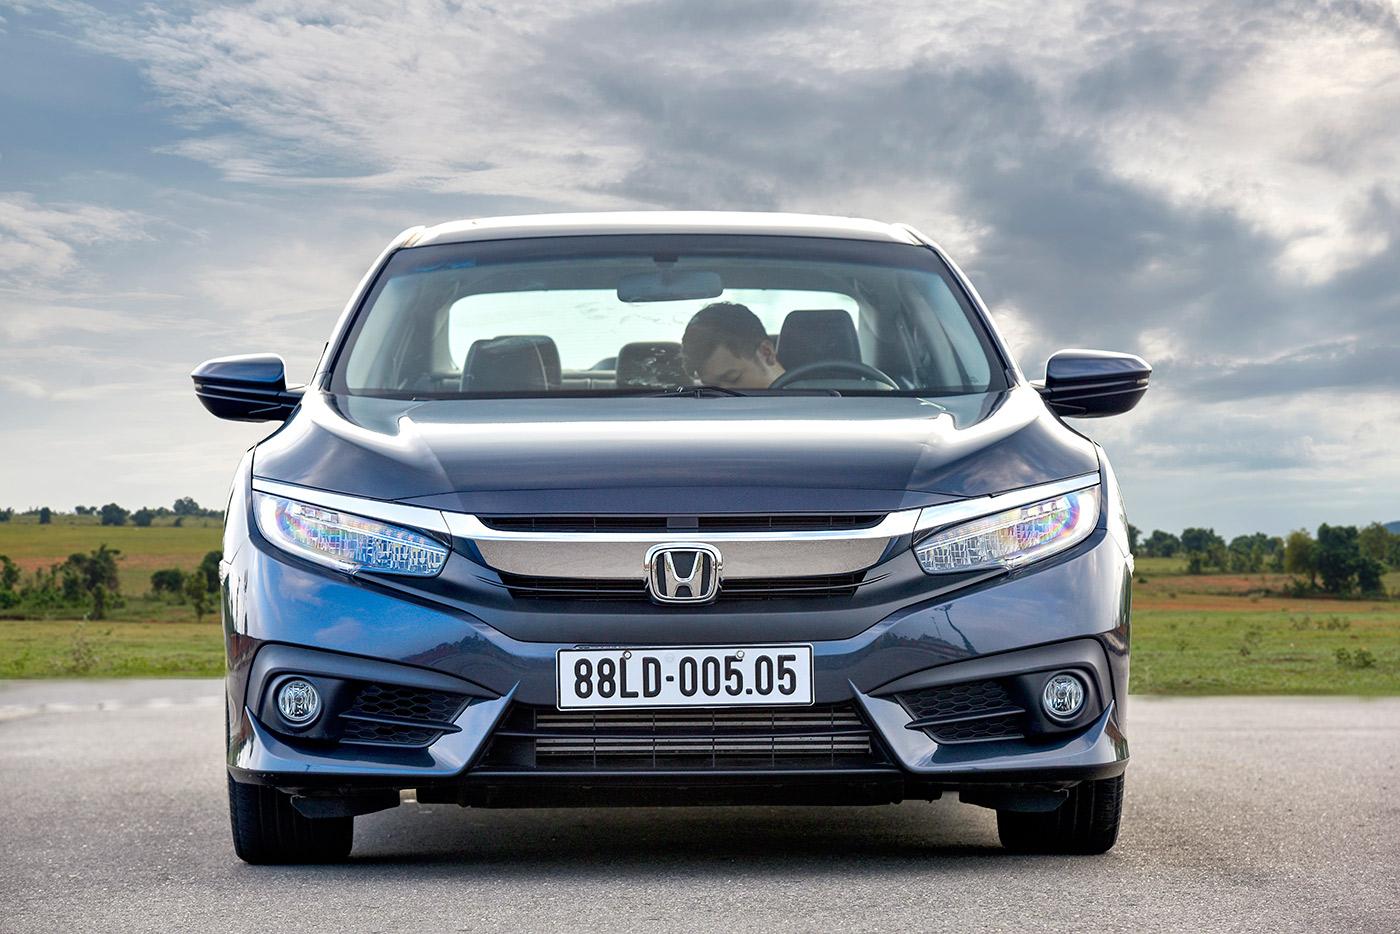 Tháng đầu bán ra thị trường, Honda Civic 2016 đạt doanh số ấn tượng